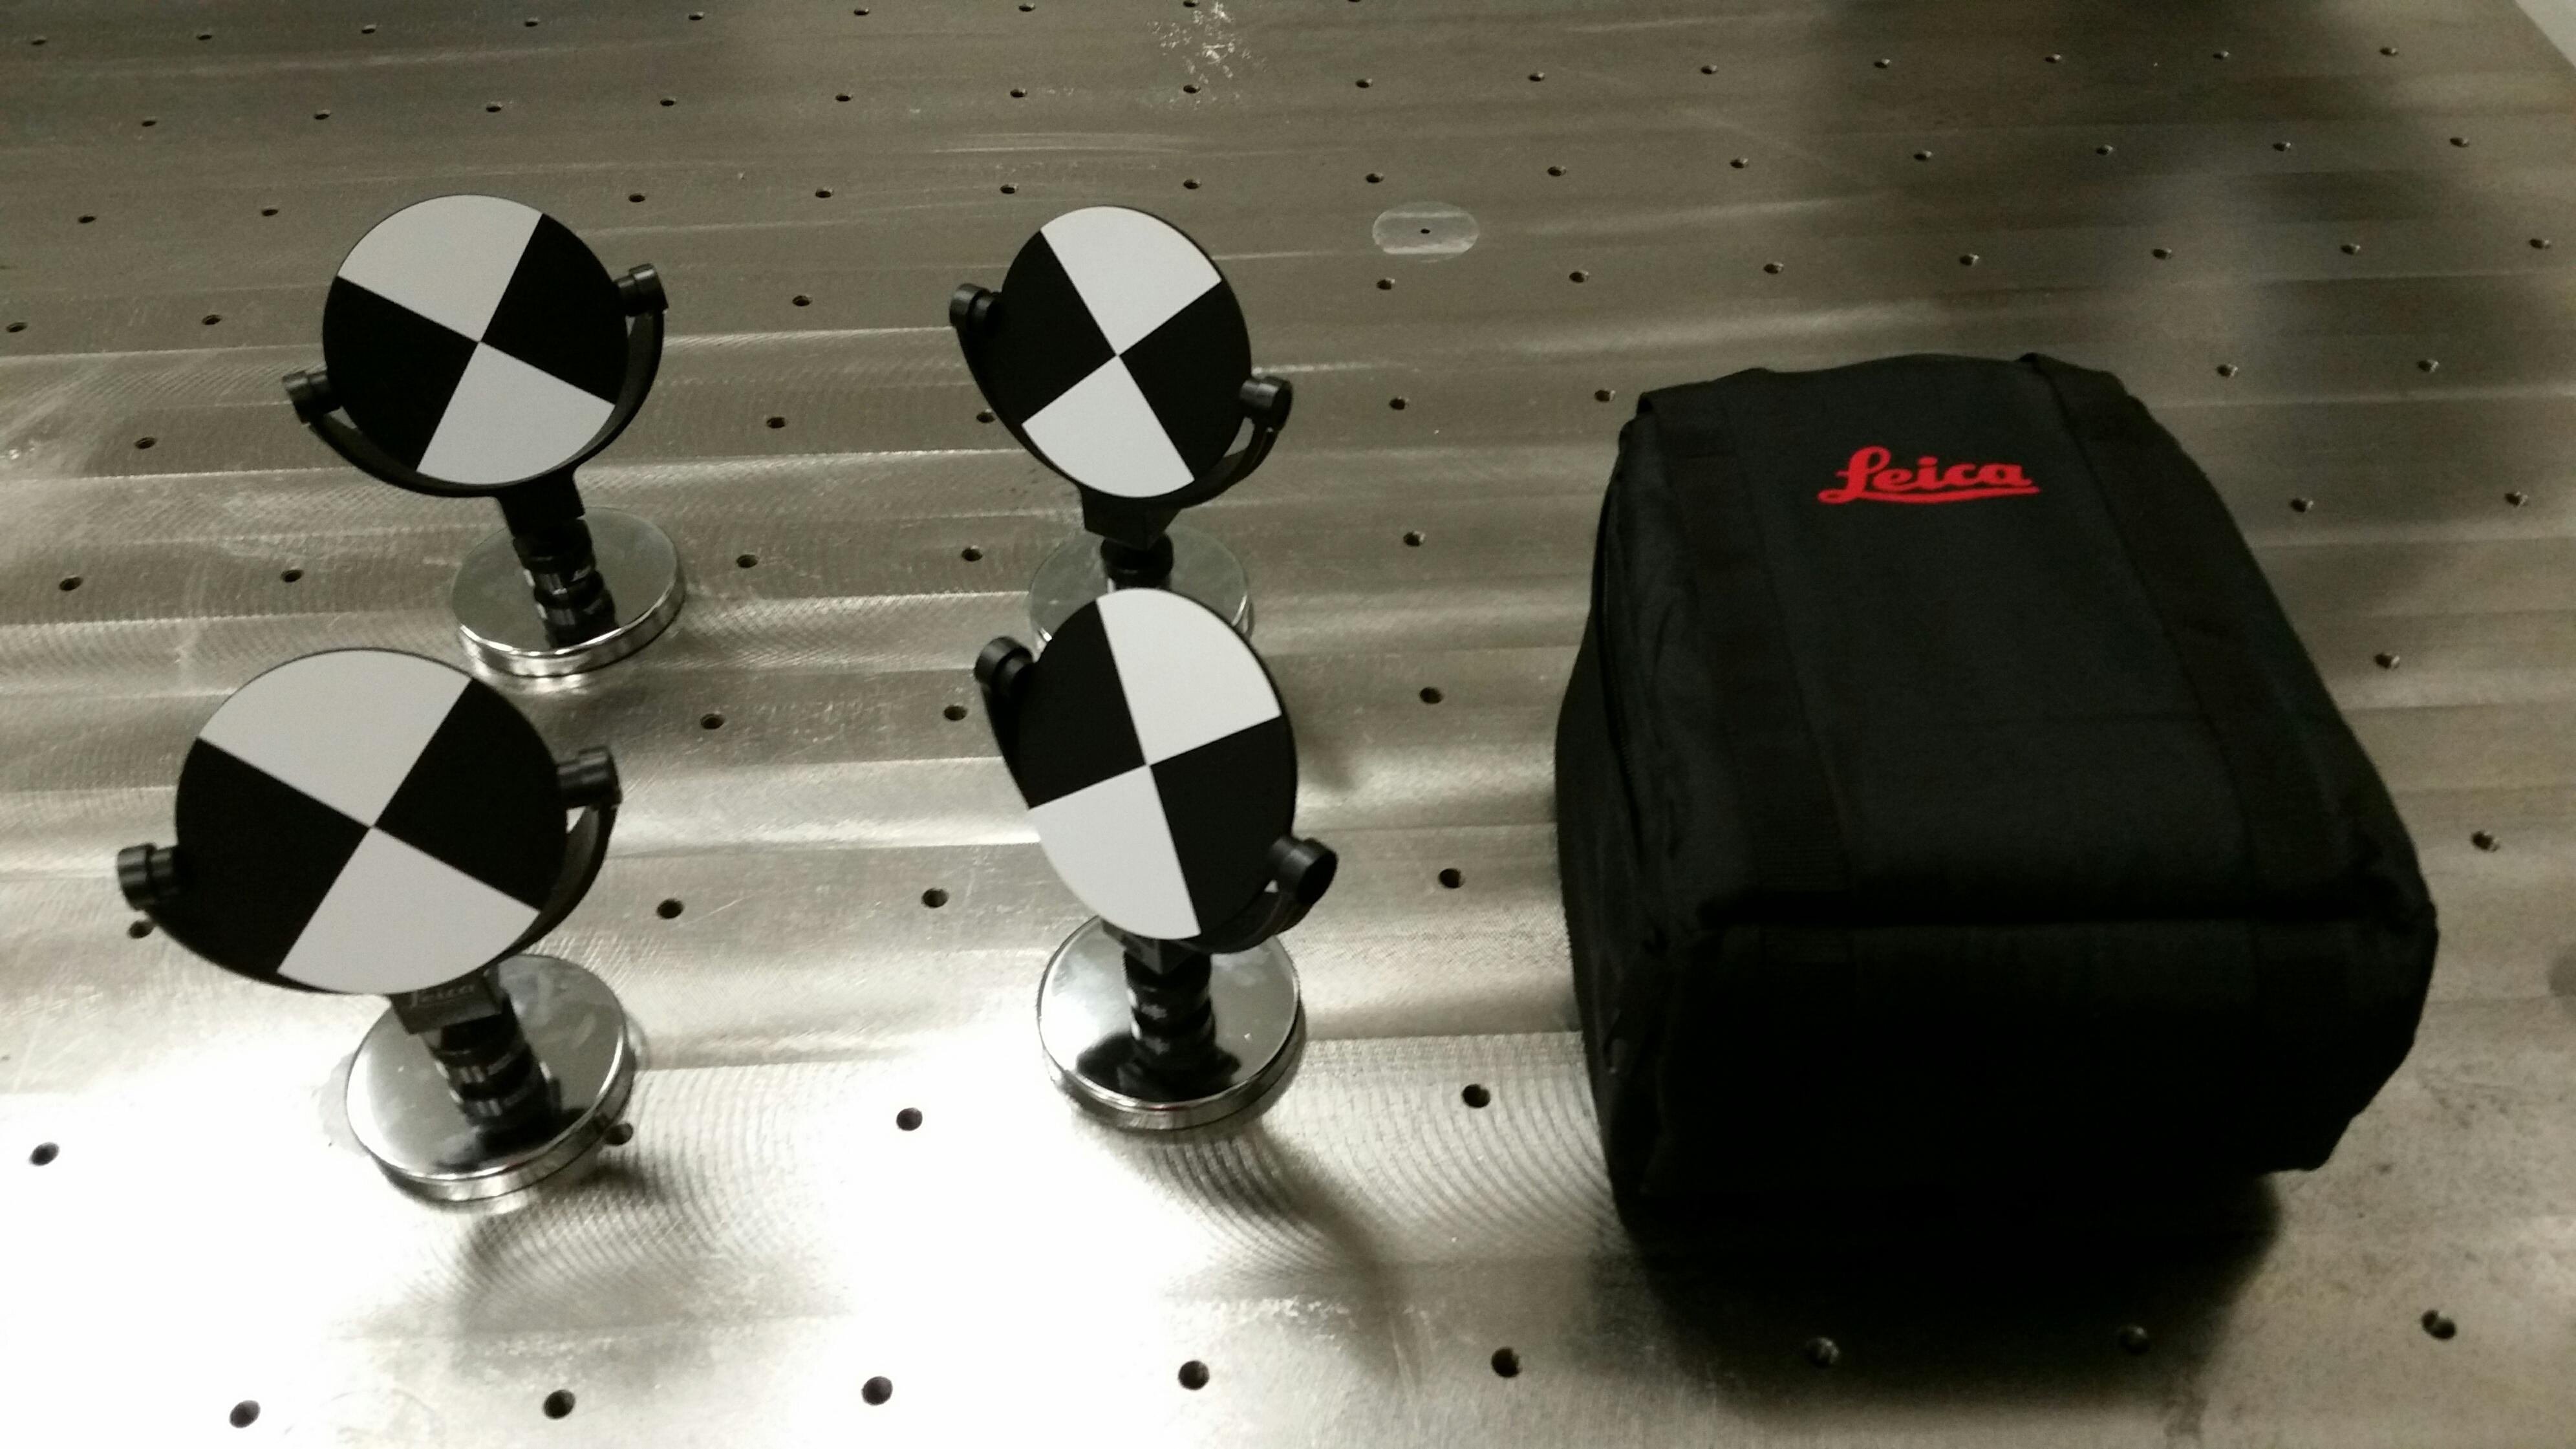 Leica ScanStation P40 HDS Long Range Scanner